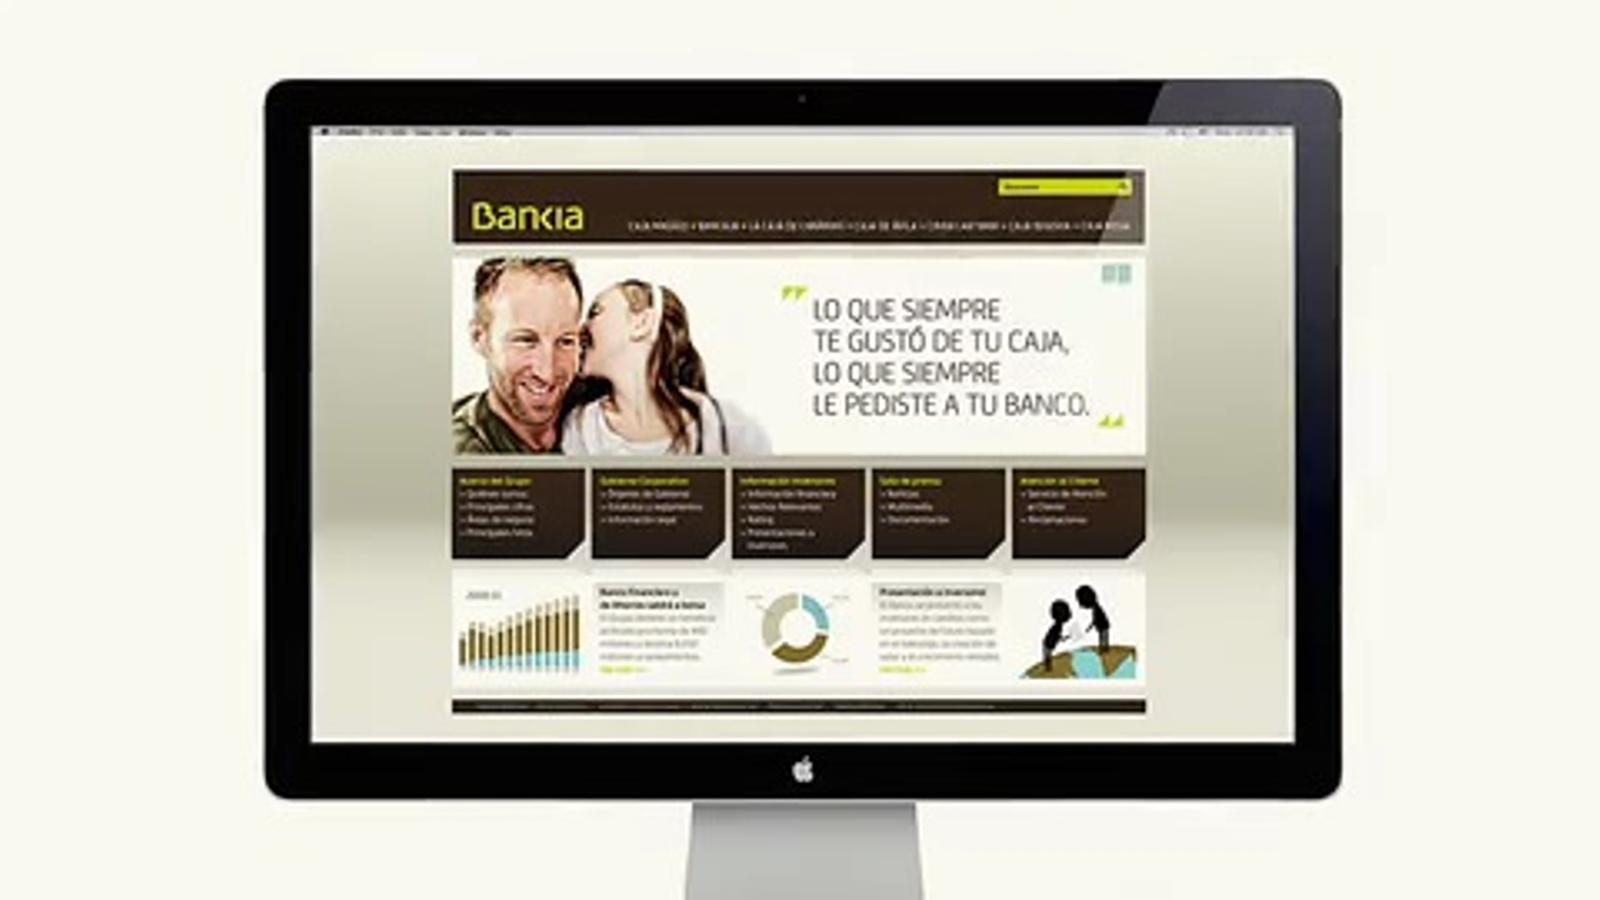 L'anunci de Bankia